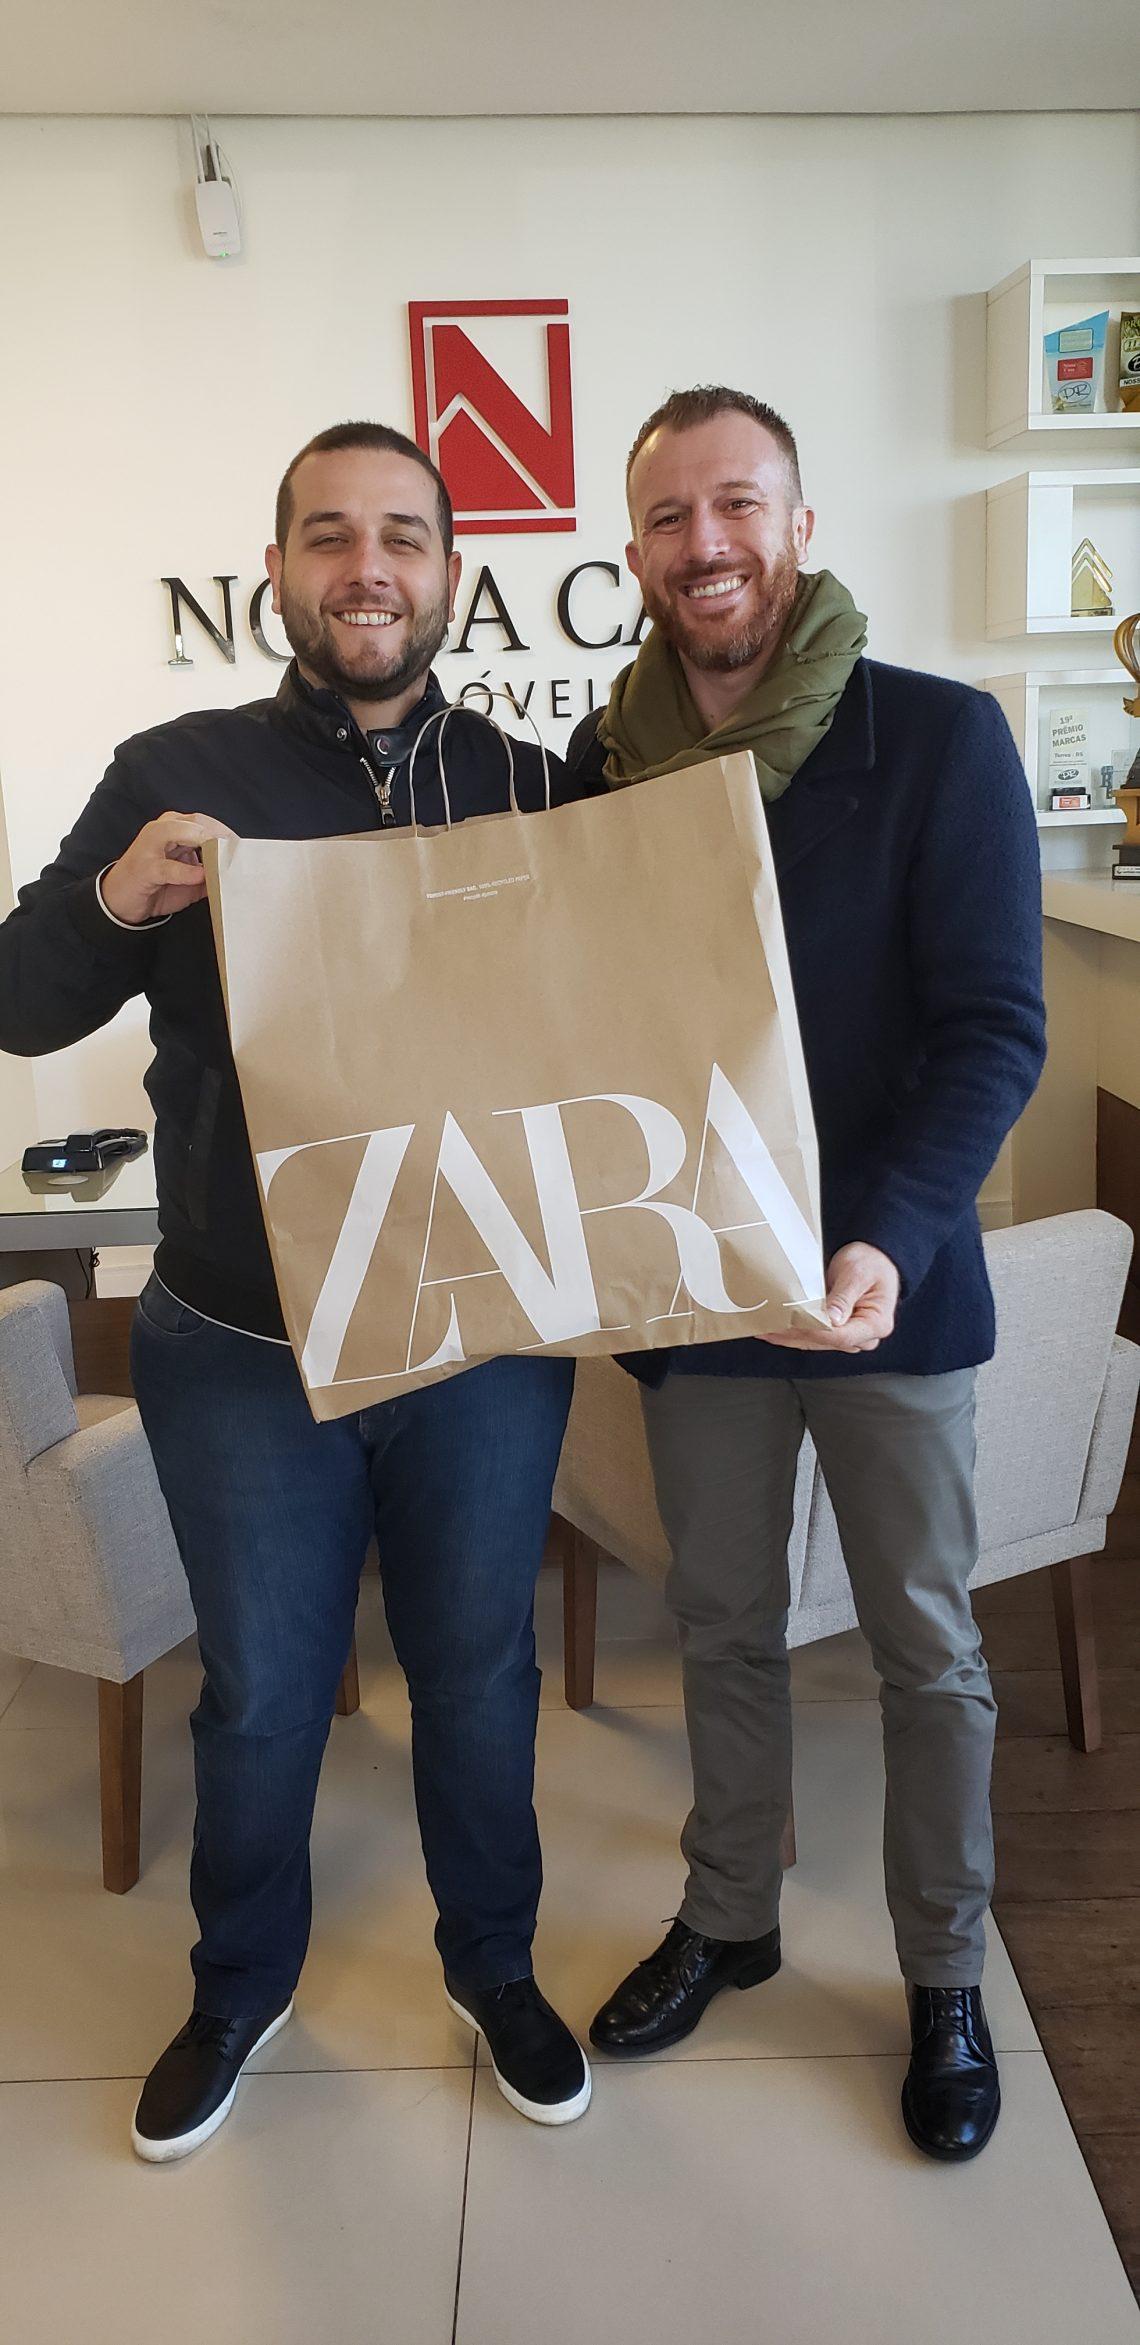 Fabrício Cardoso recebeu um vale-compras do seu gerente Jorel Klein